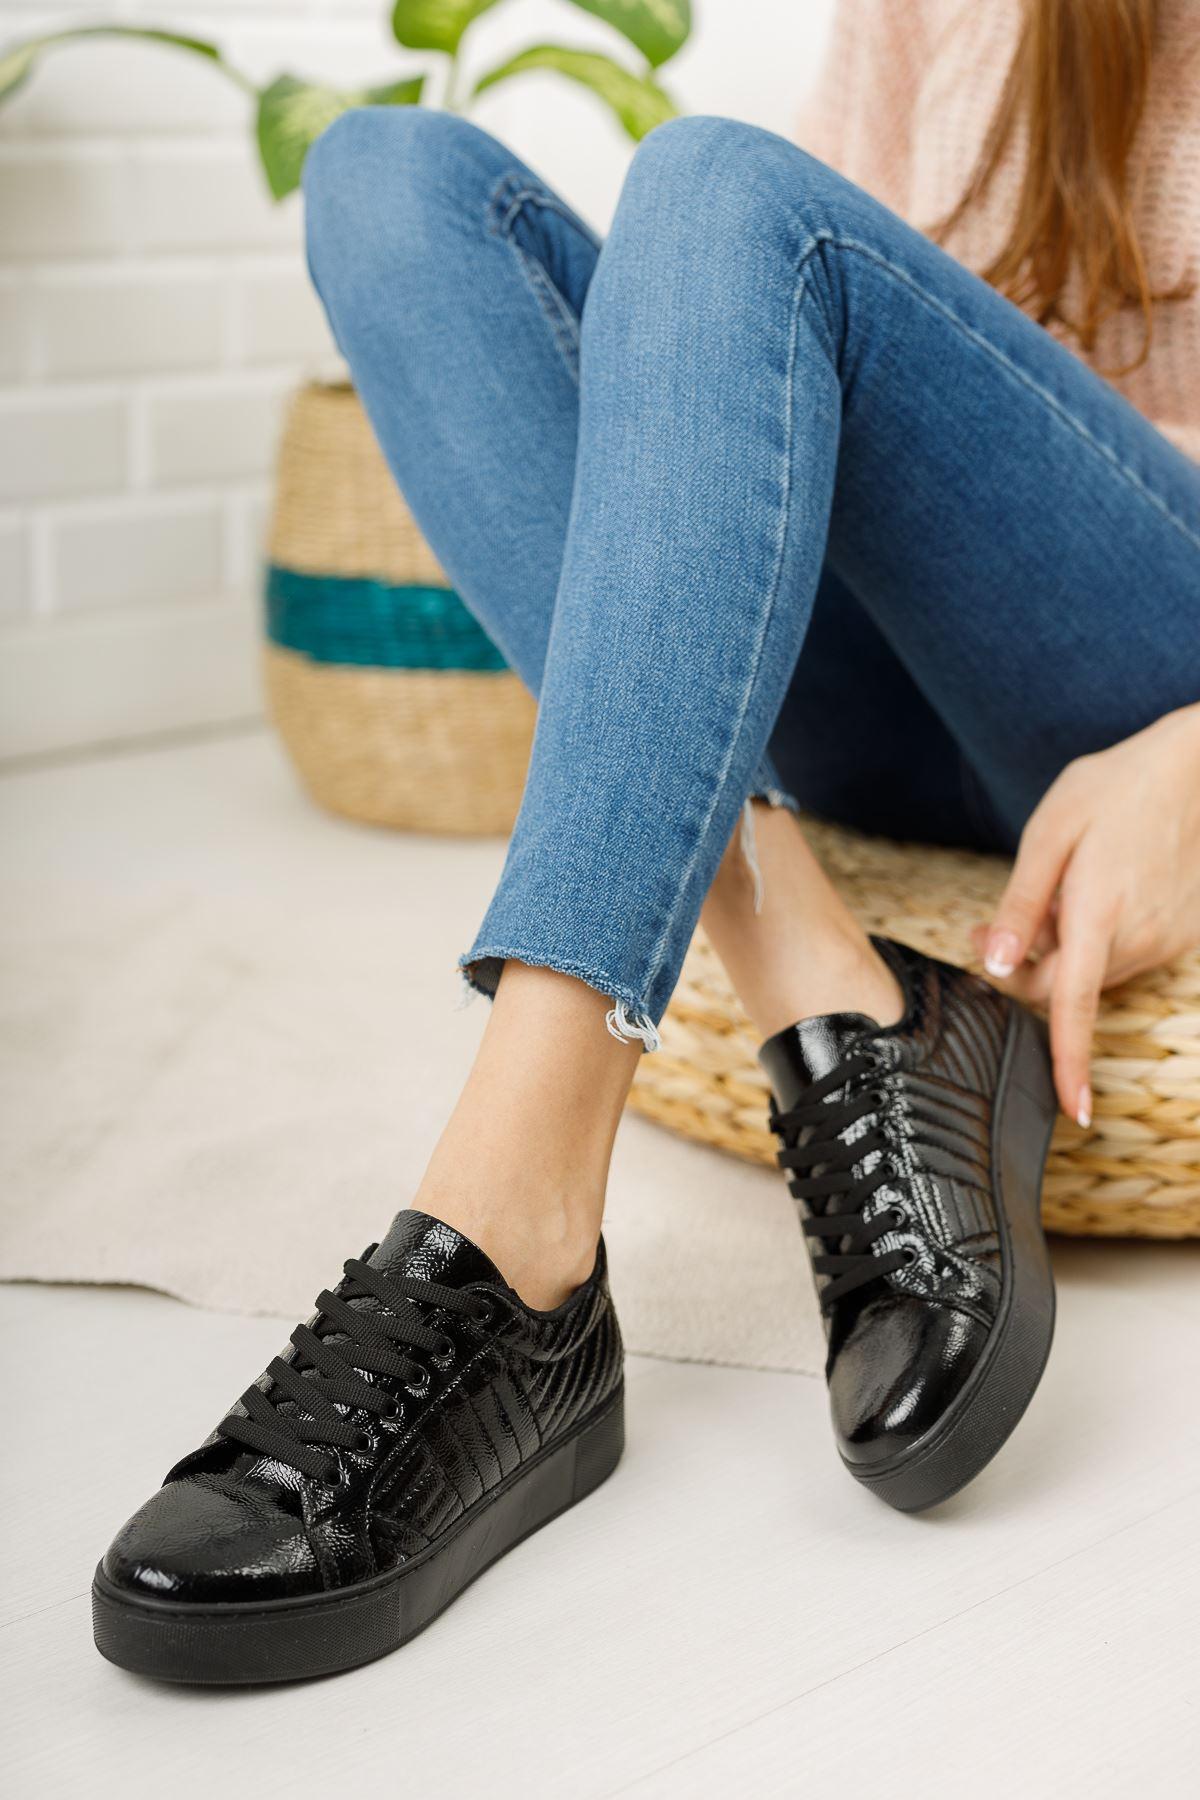 Siyah Kırışık Rugan Kapitoneli Günlük Spor Ayakkabı